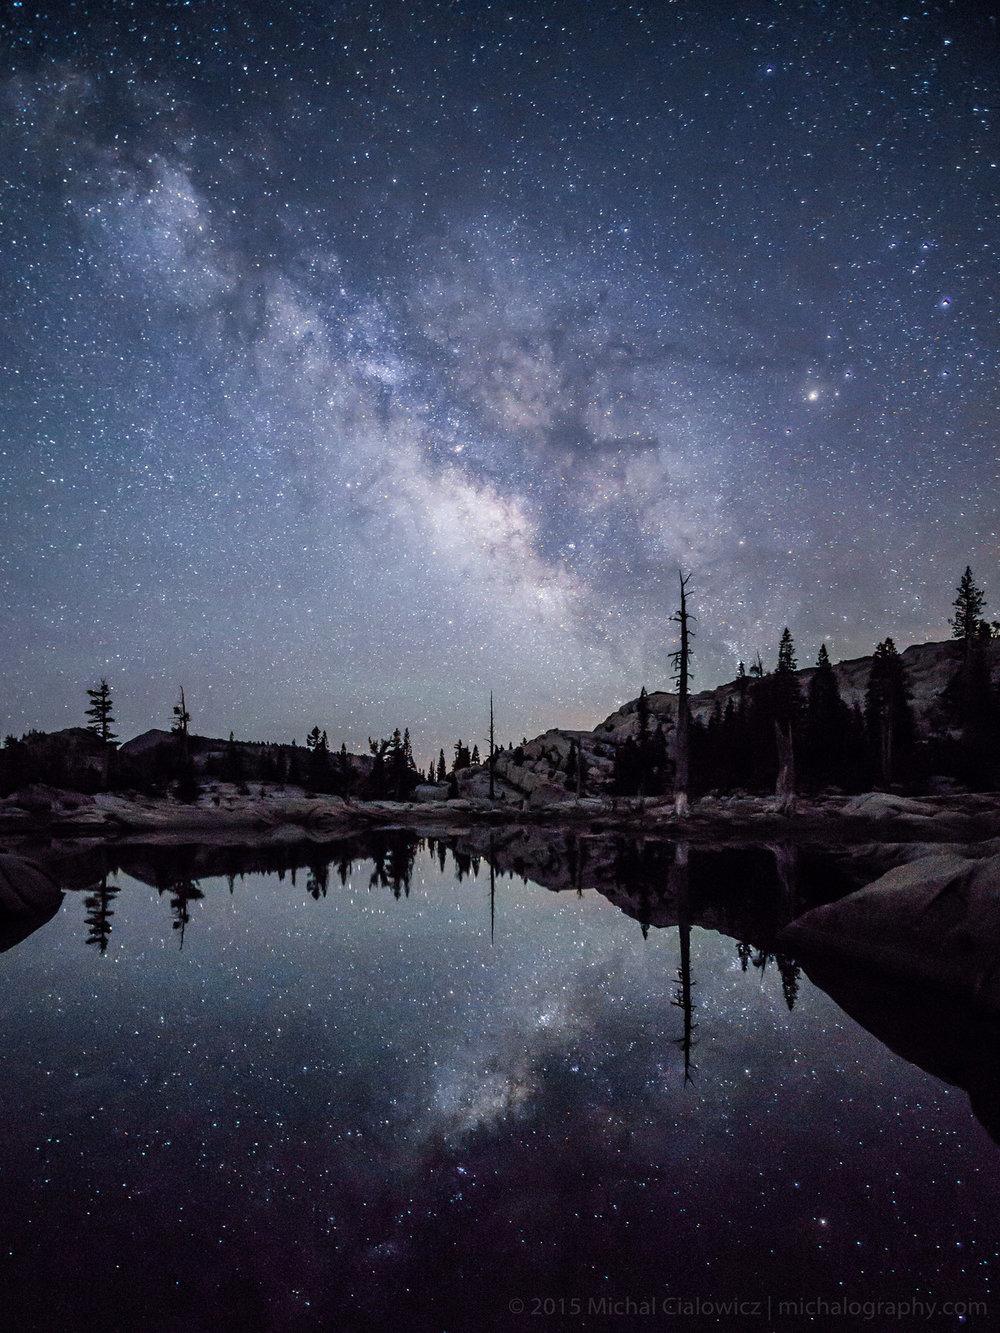 Stargazing at Lake Aloha (Sony A6000 + Rokinon 12mm f/2.0)